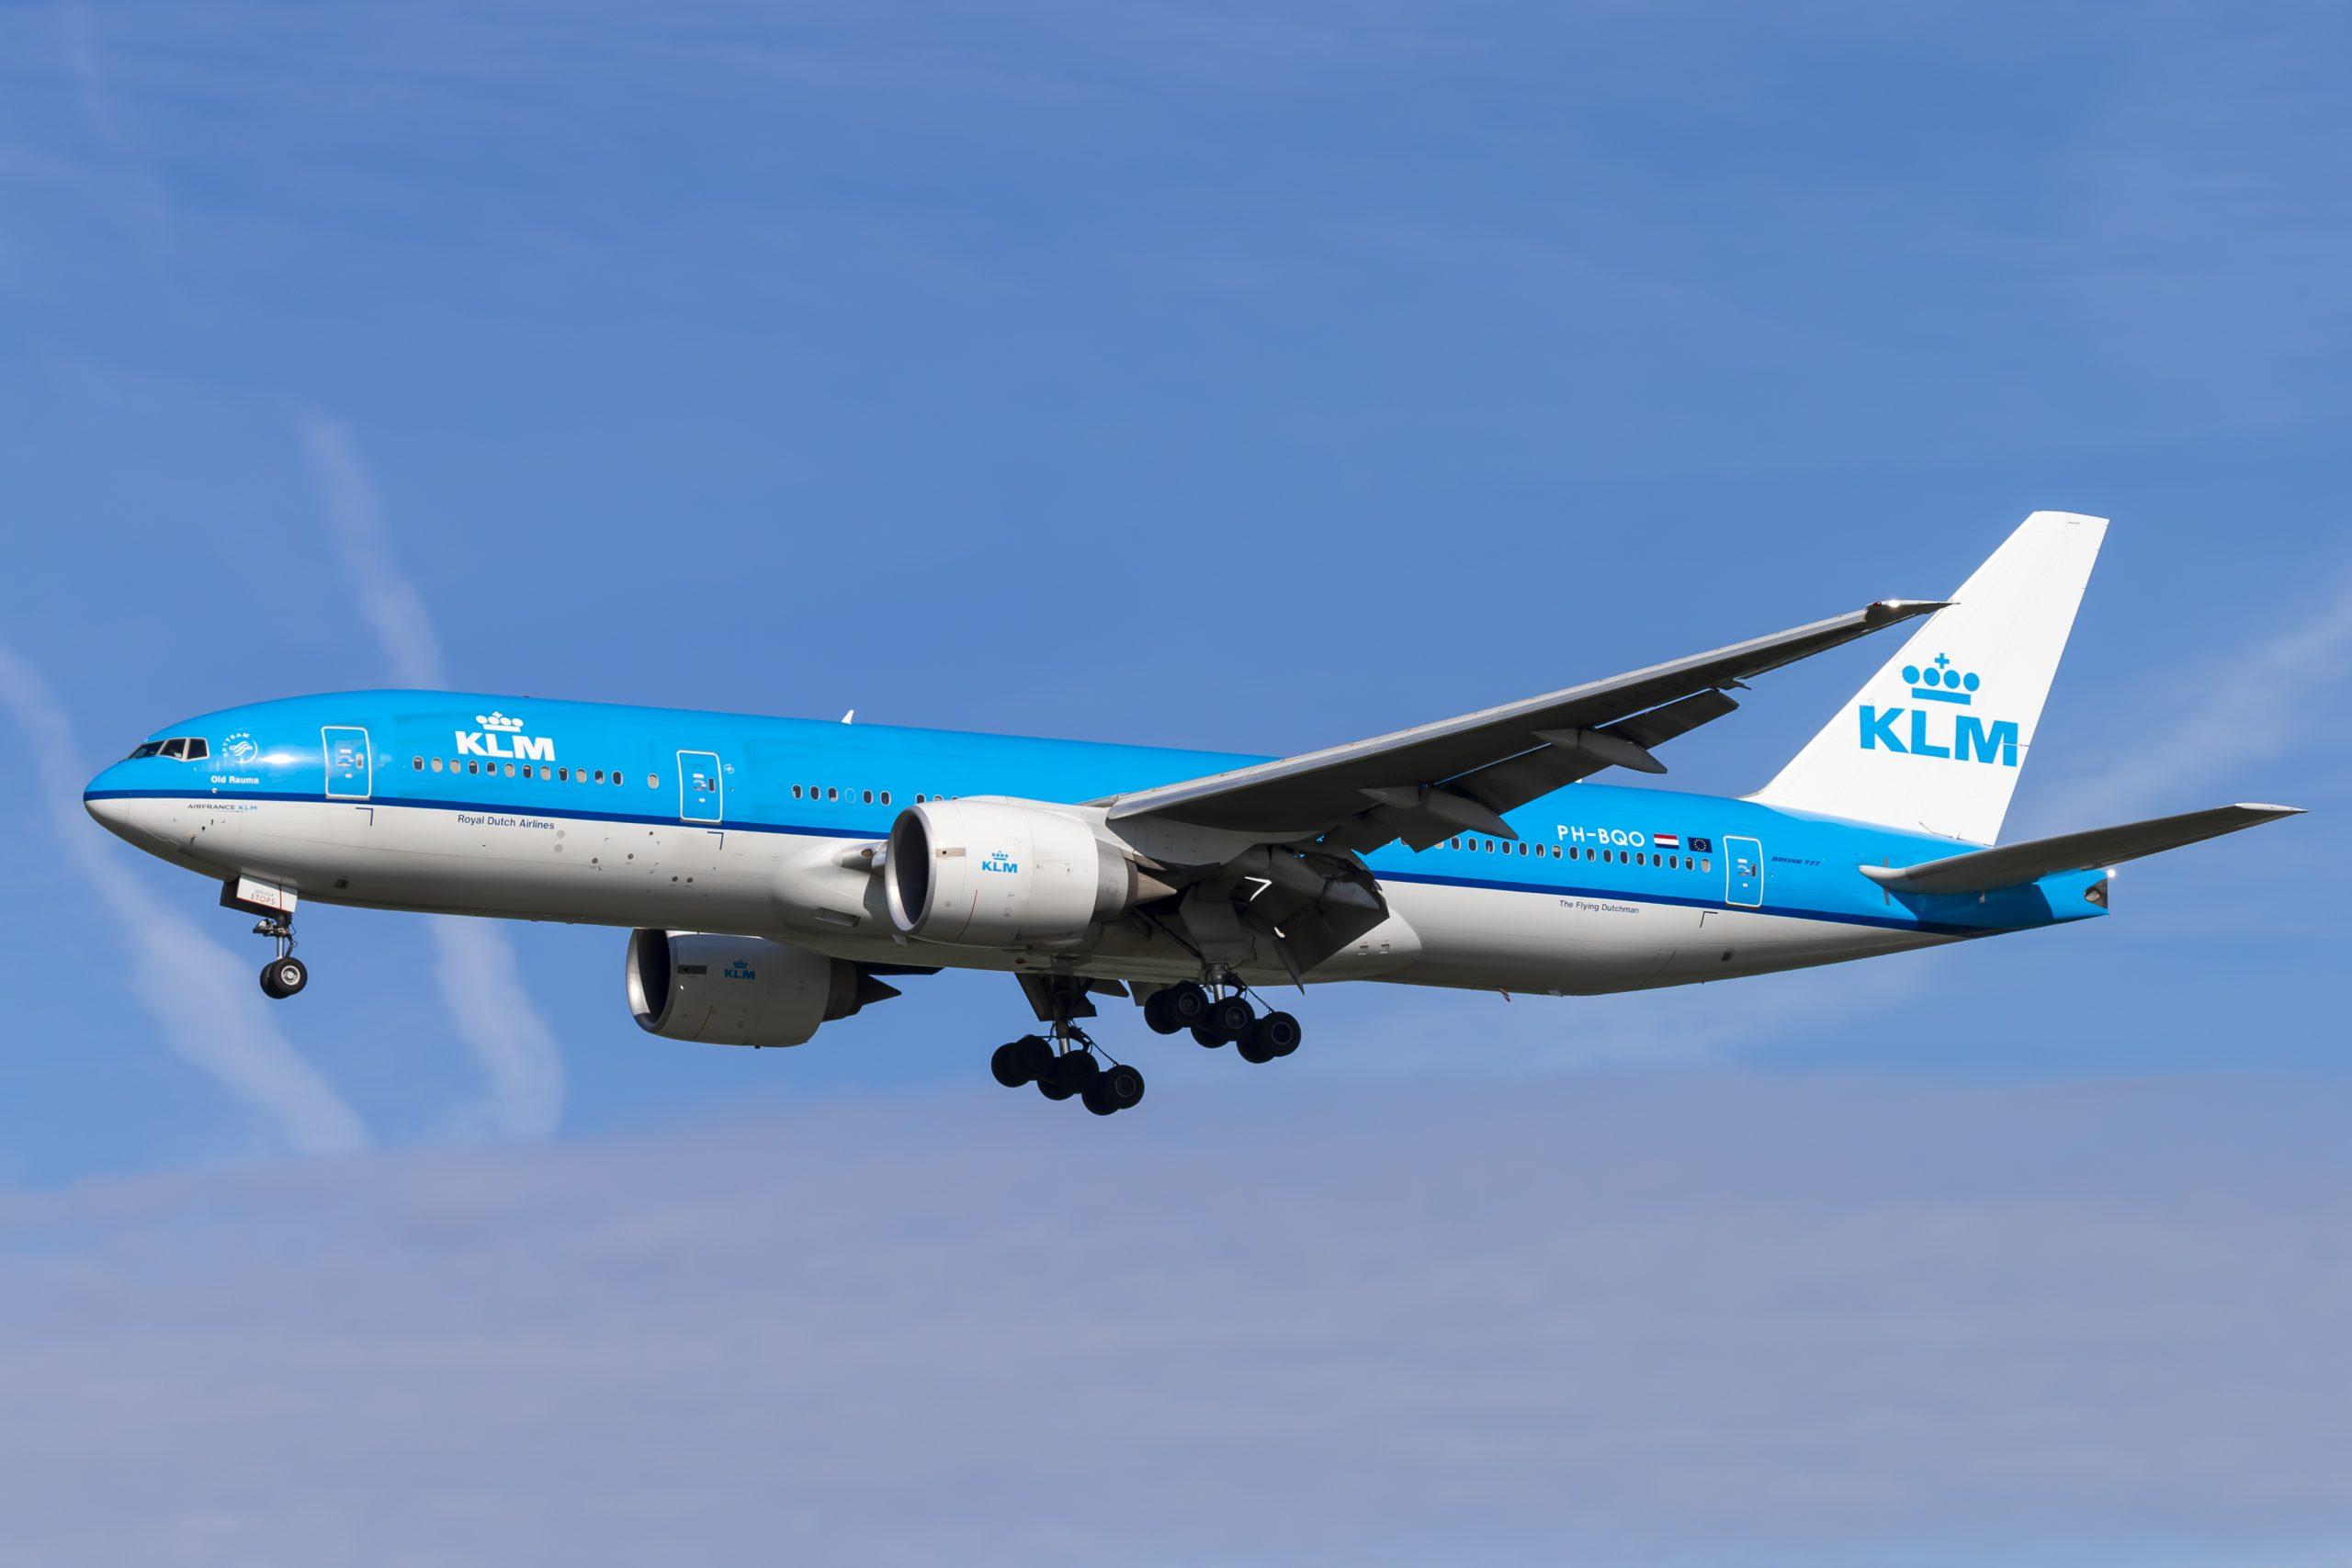 En Boeing 777-200ER fra KLM. Foto: © Thorbjørn Brunander Sund, Danish Aviation Photo